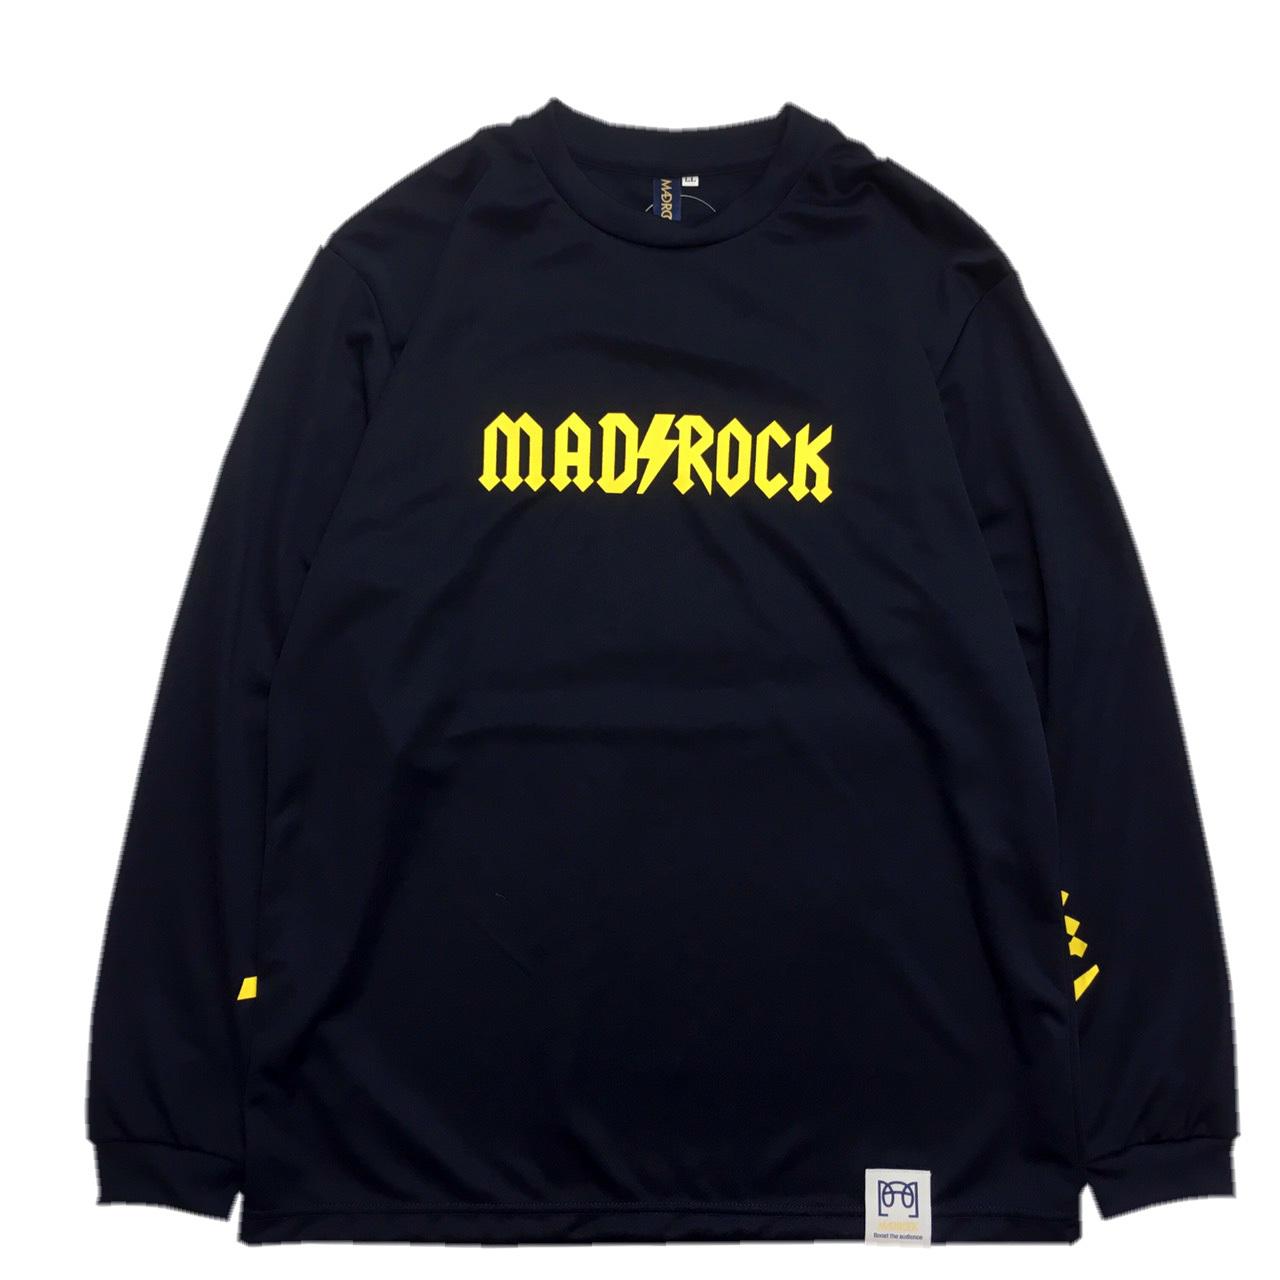 マッドロック / AMPERE(アンペア) LOGO ロンT / ドライタイプ / ネイビー